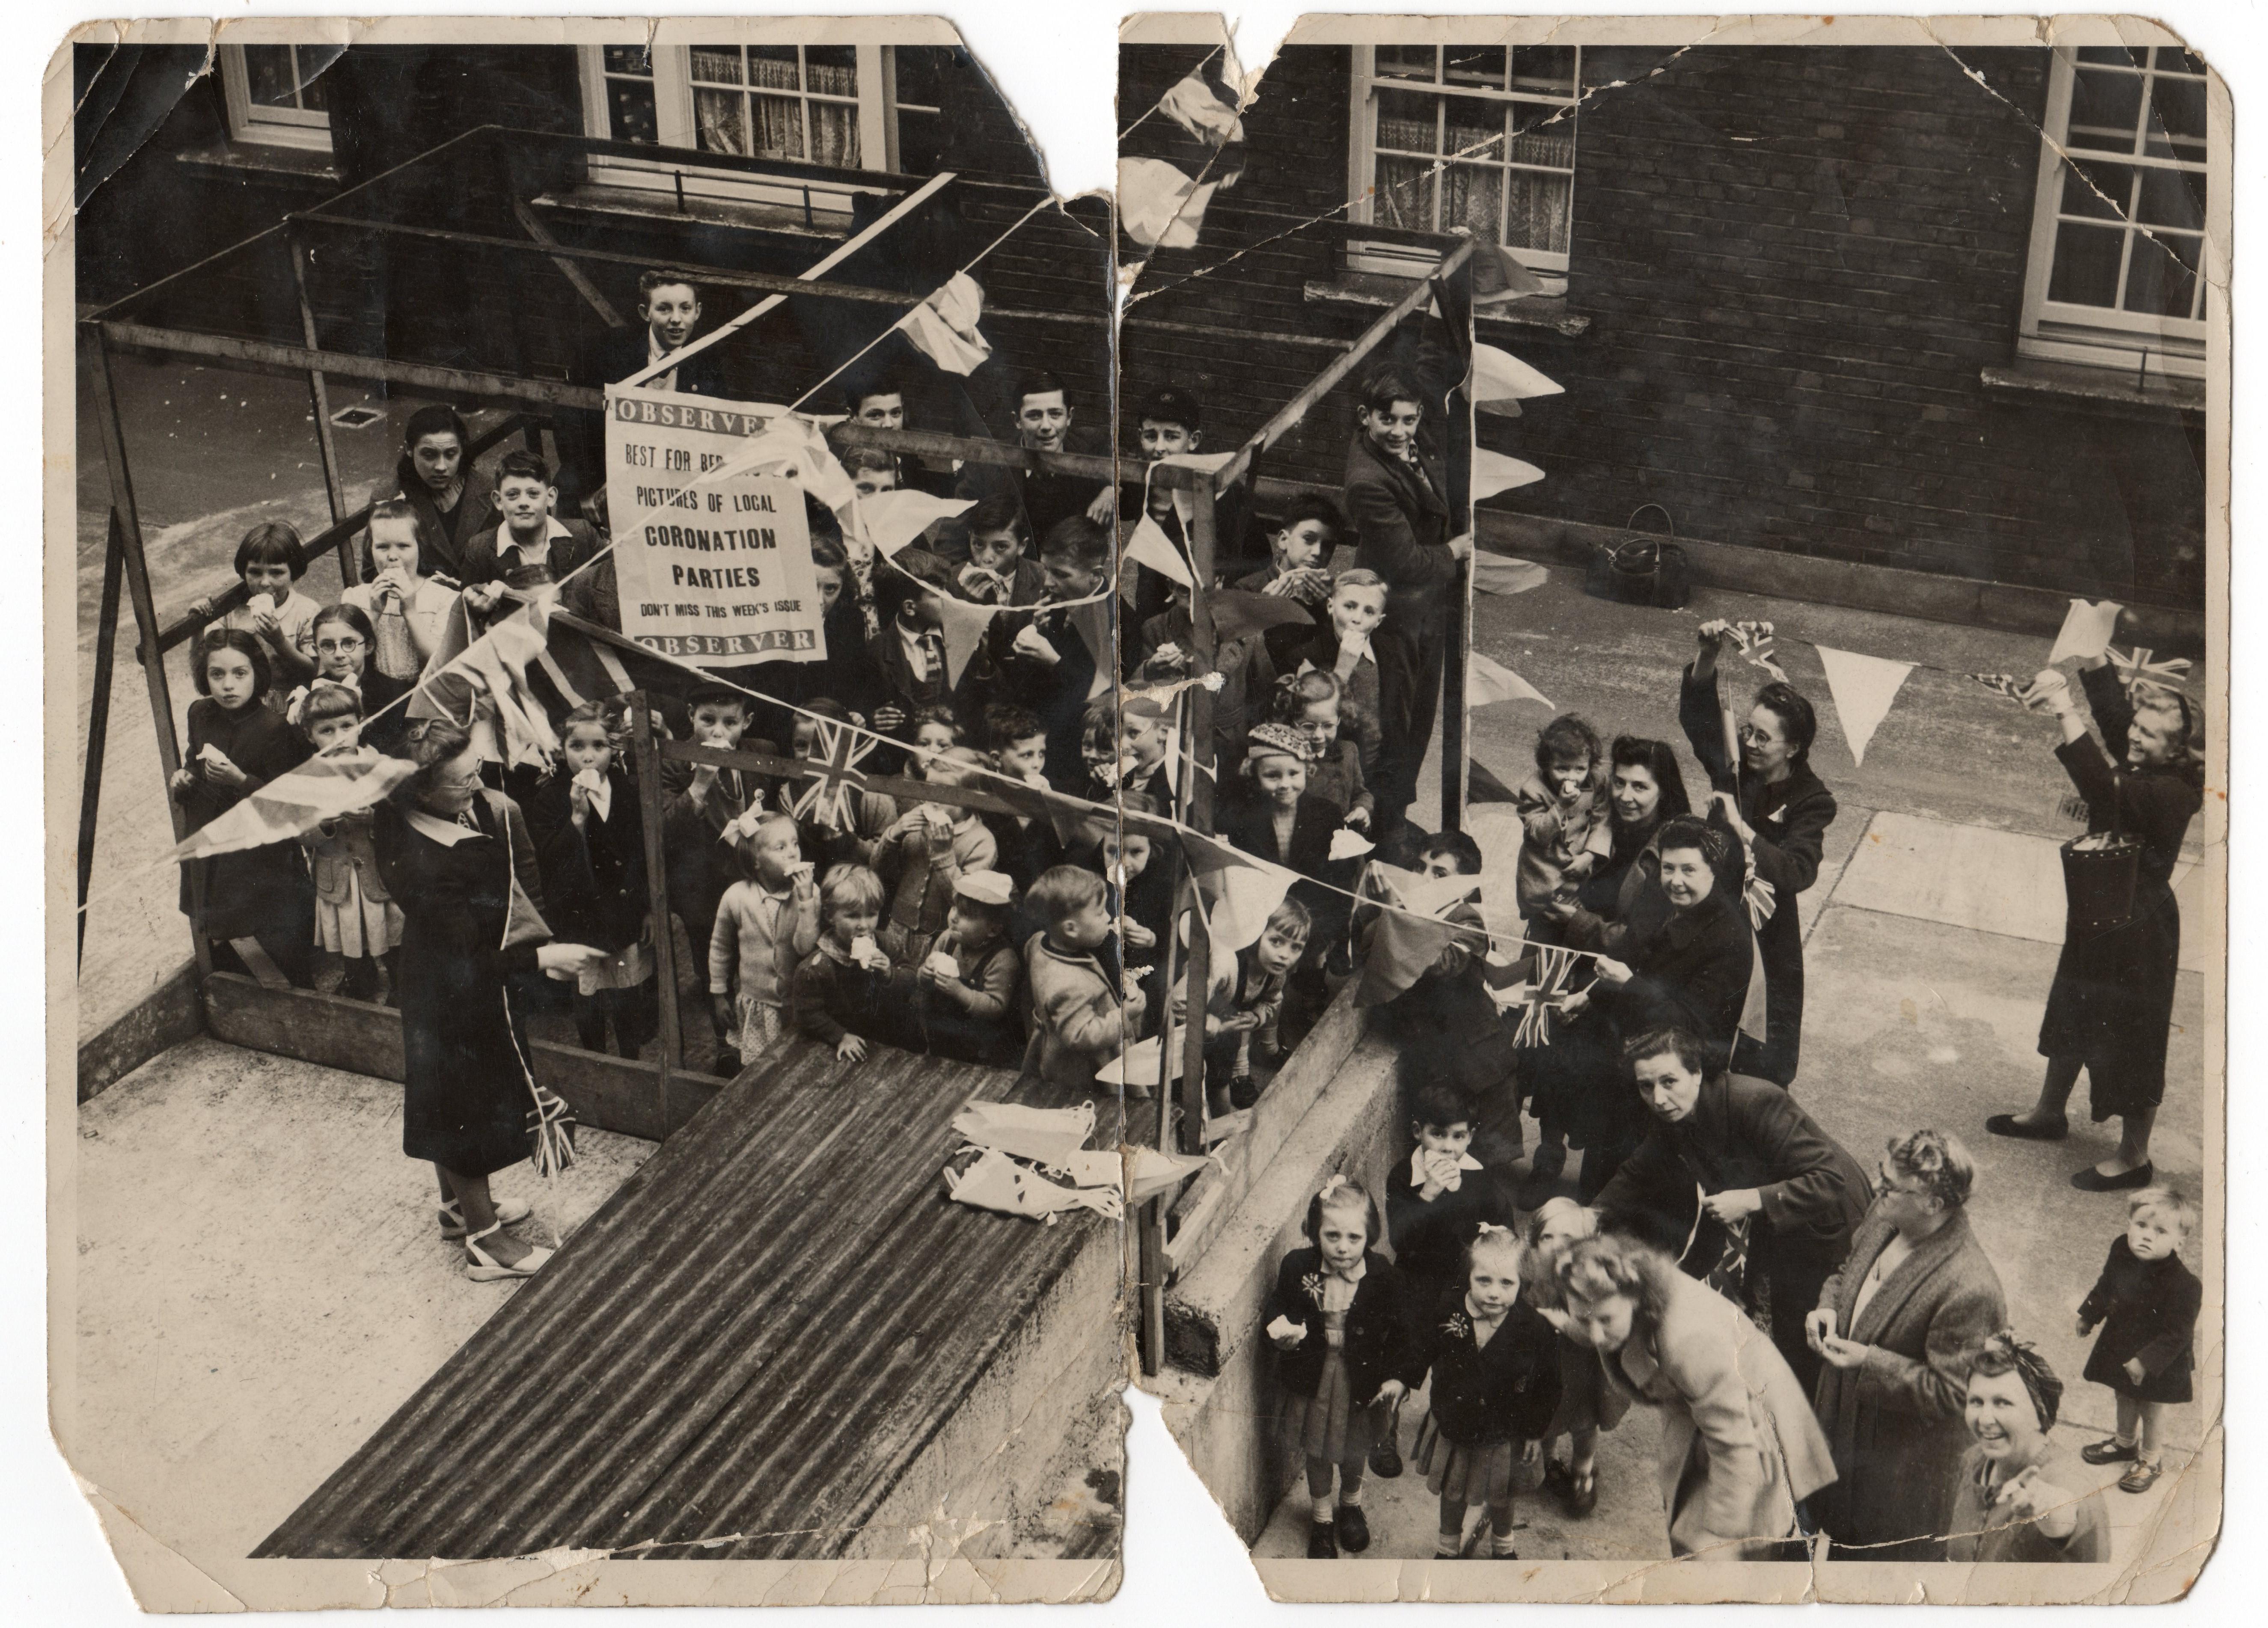 1953 Peabody's